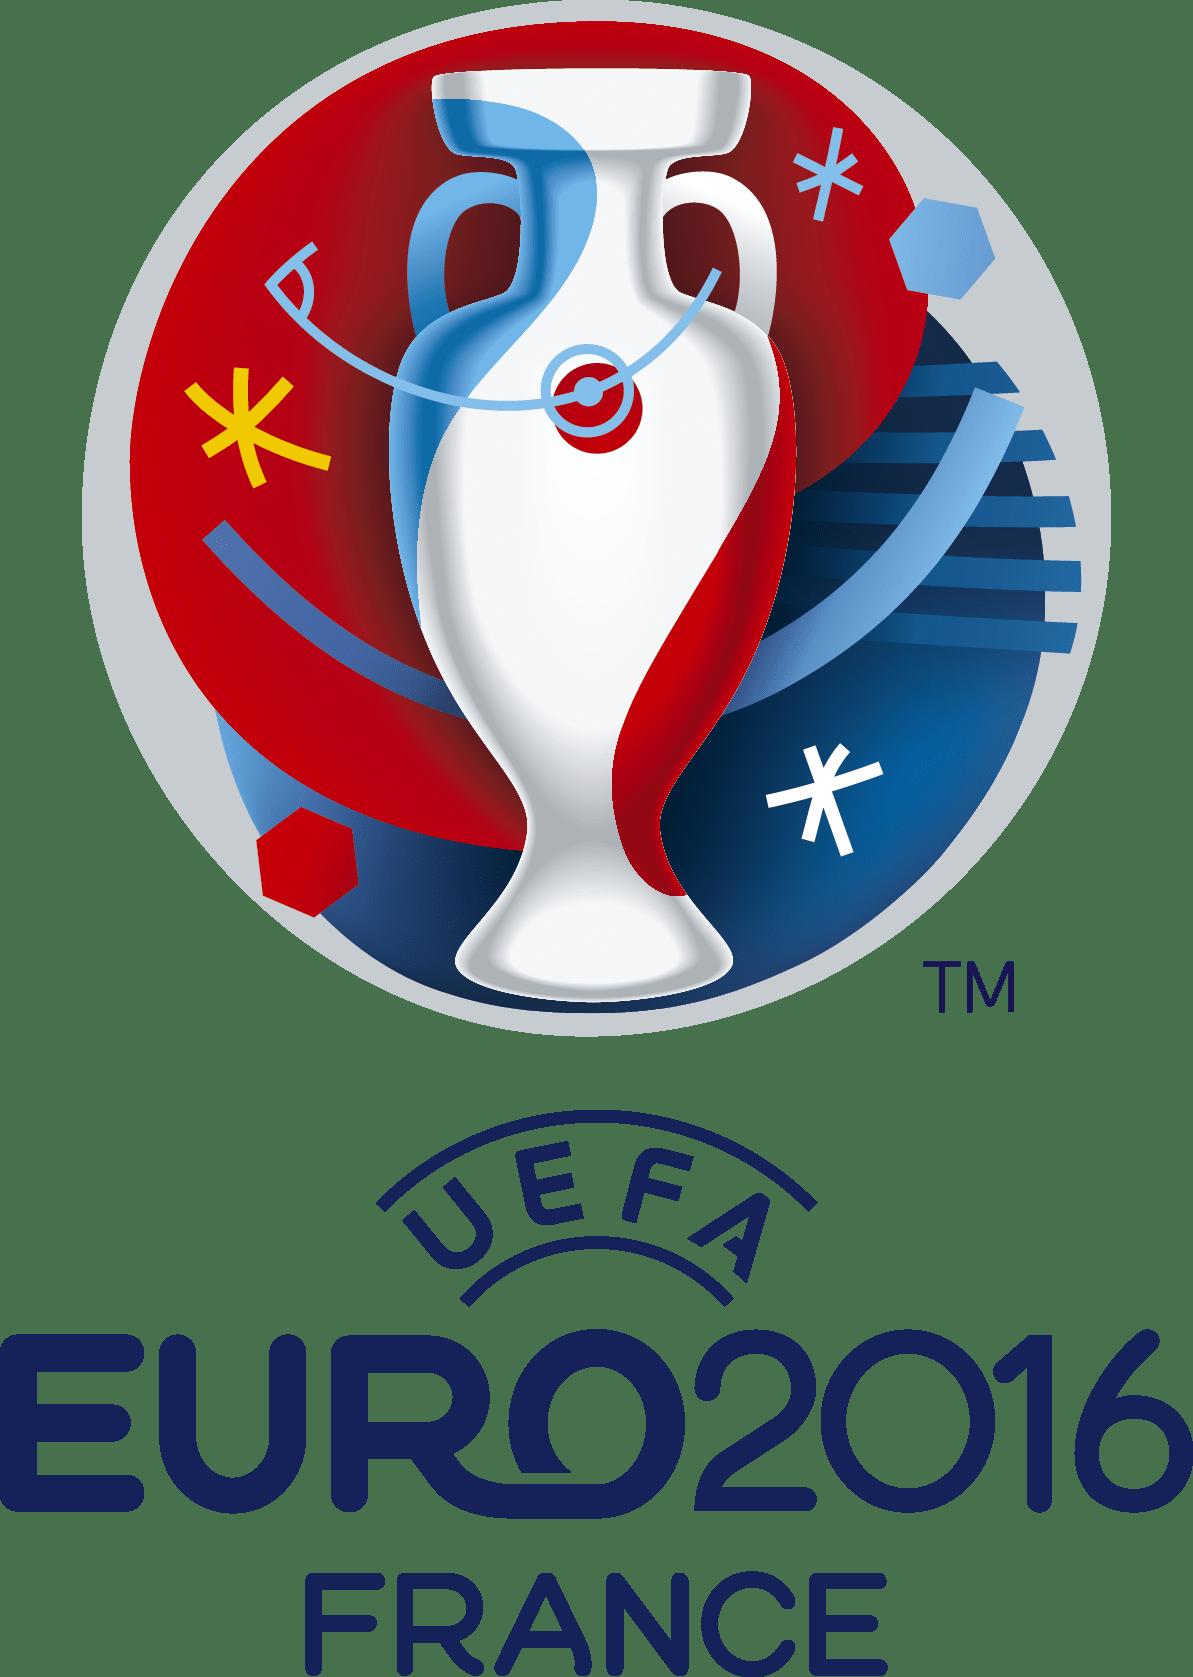 Références - Logo de la coupe d'Europe de football de 2016 organisée par l'UEFA